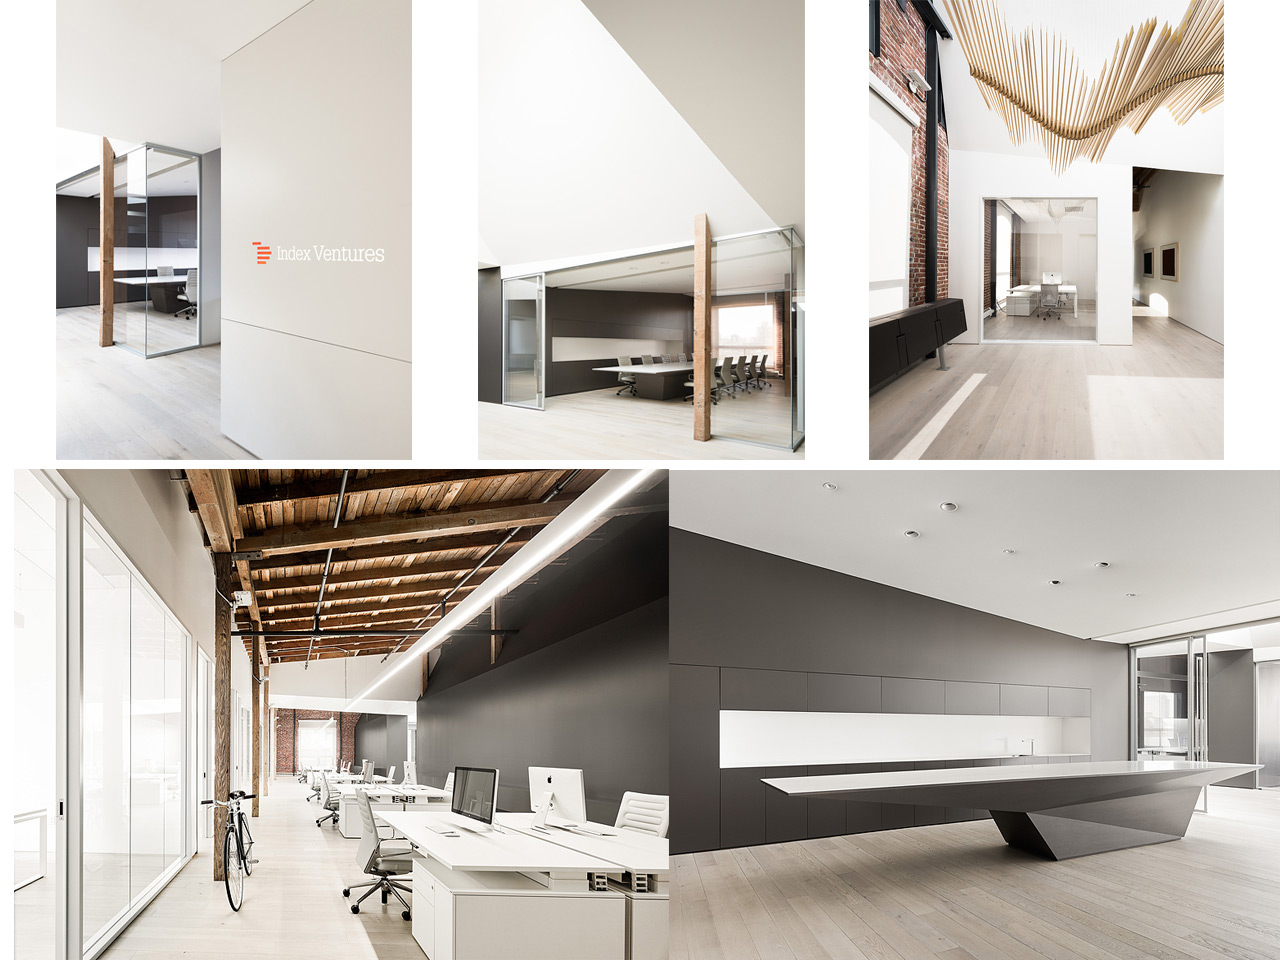 5 tendencias de arquitectura de oficinas modernas for Imagenes oficinas modernas